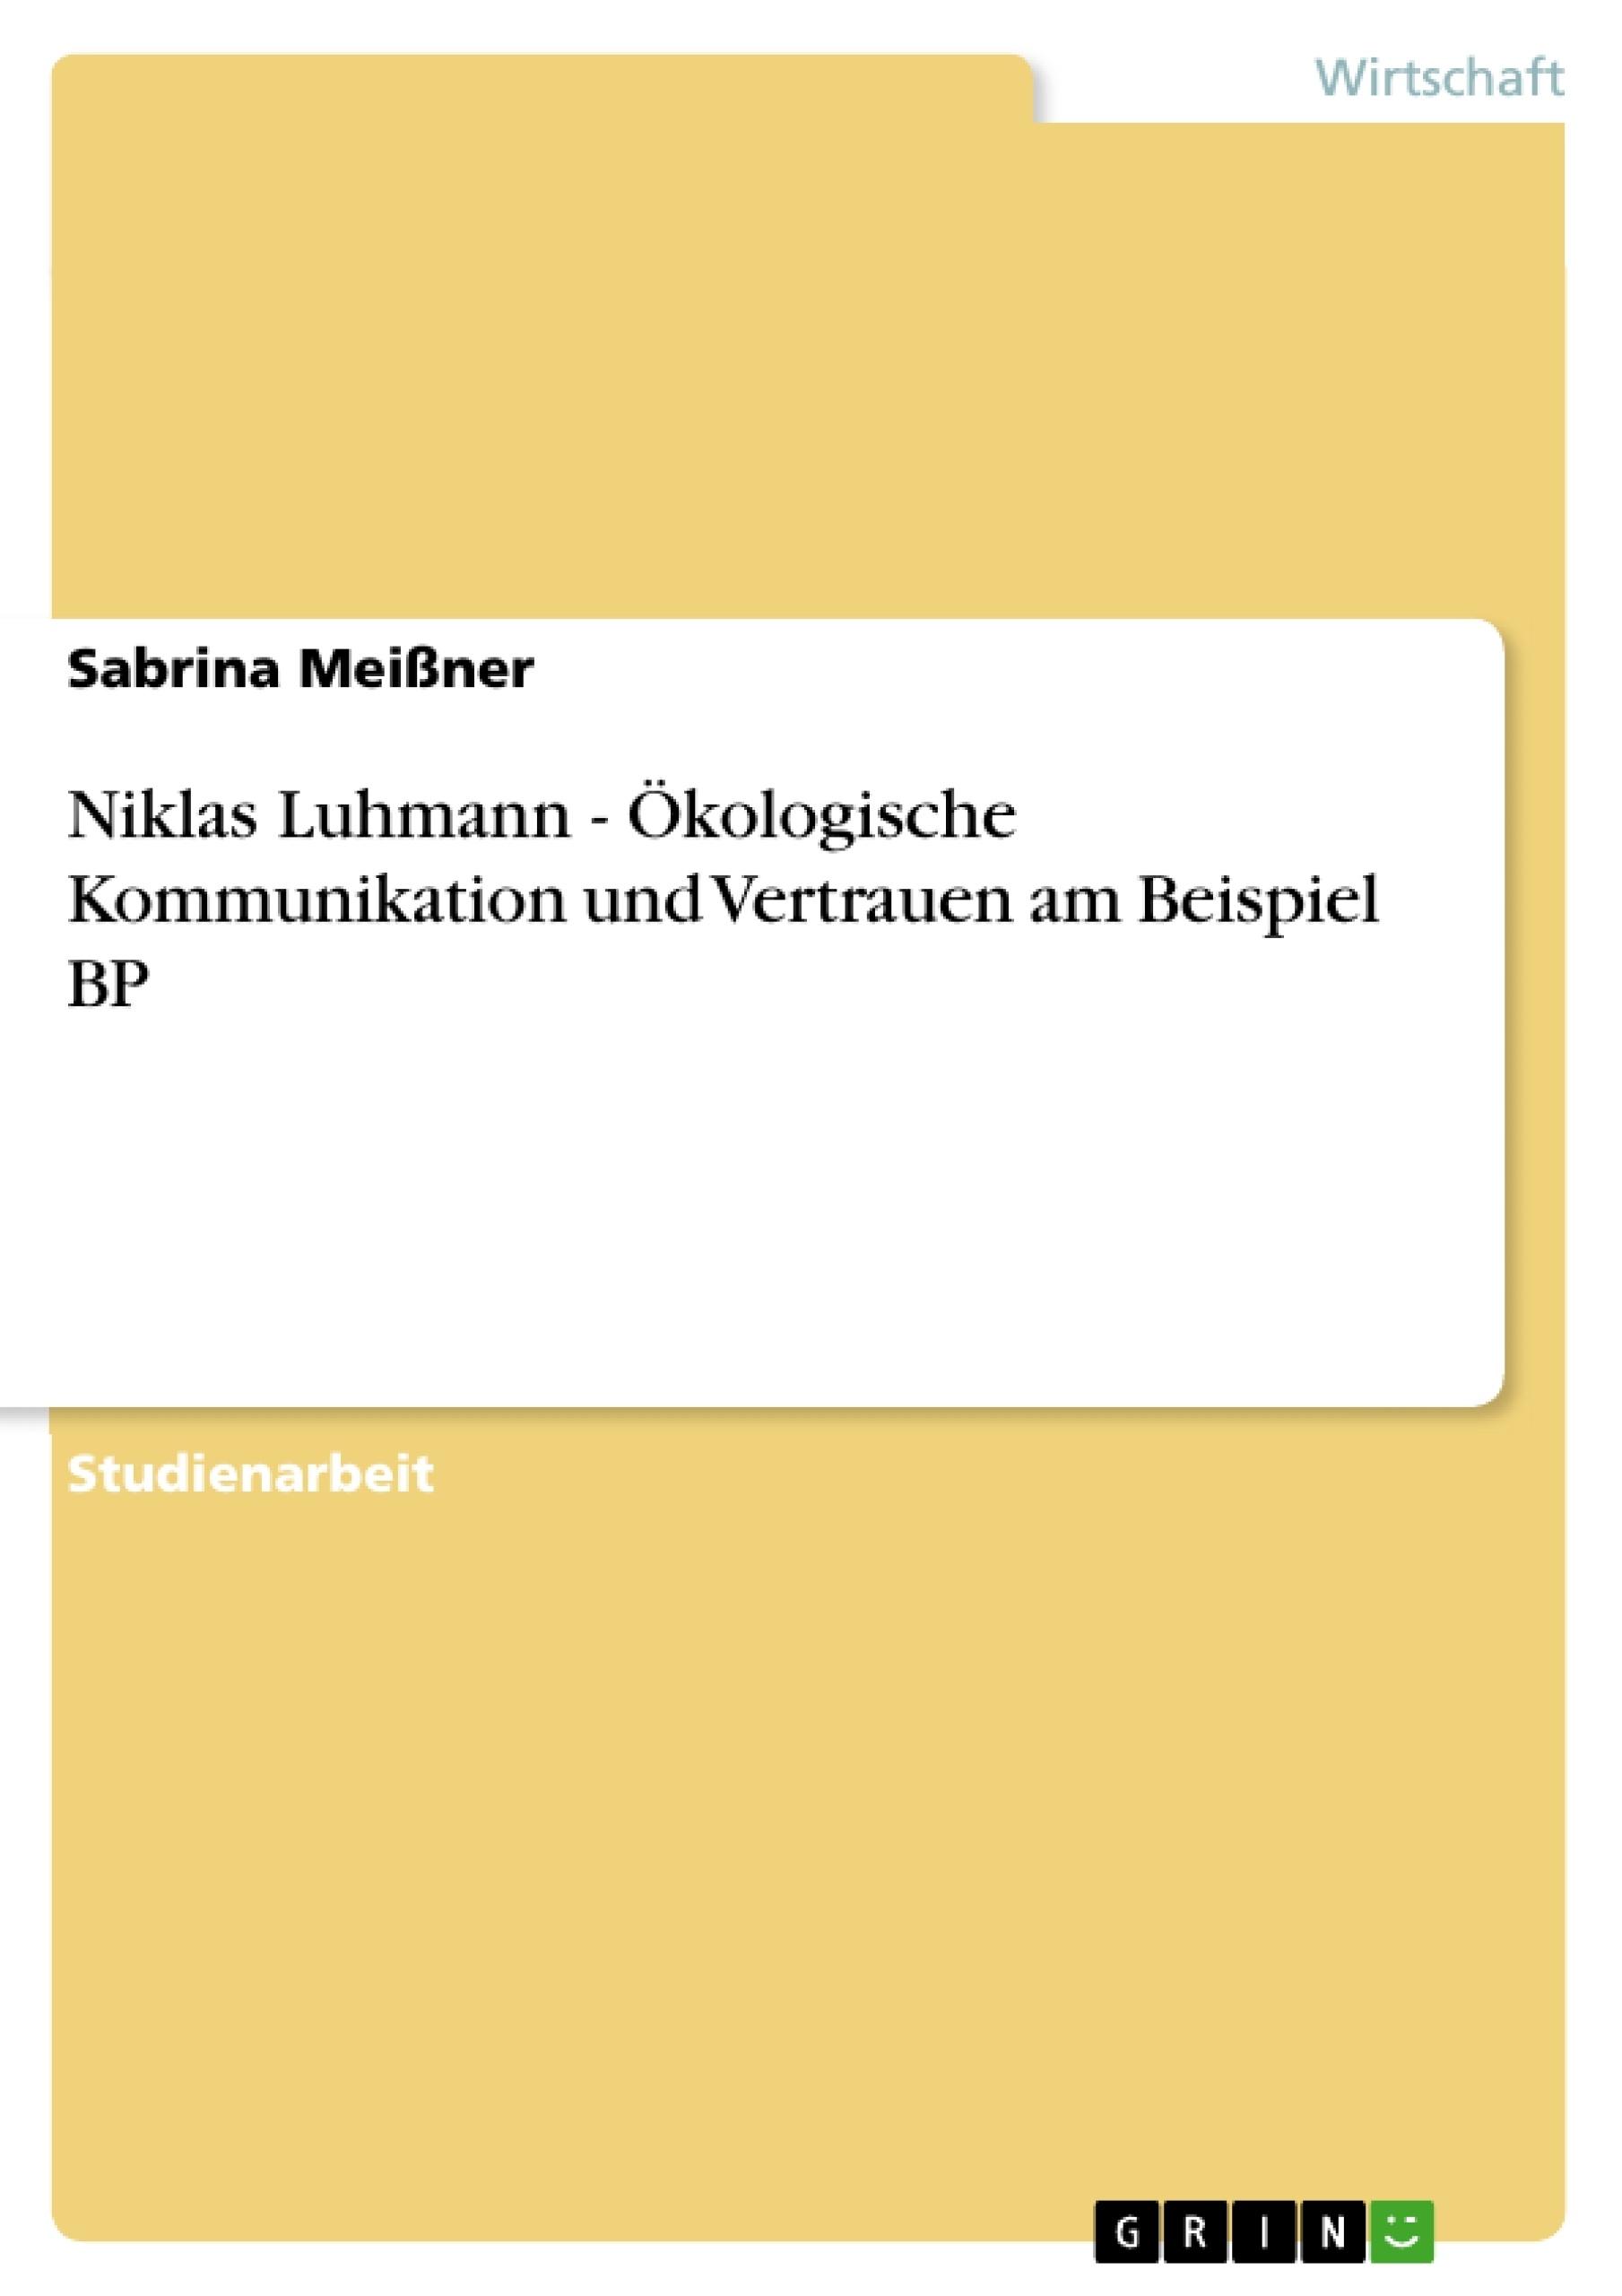 Titel: Niklas Luhmann - Ökologische Kommunikation und Vertrauen am Beispiel BP